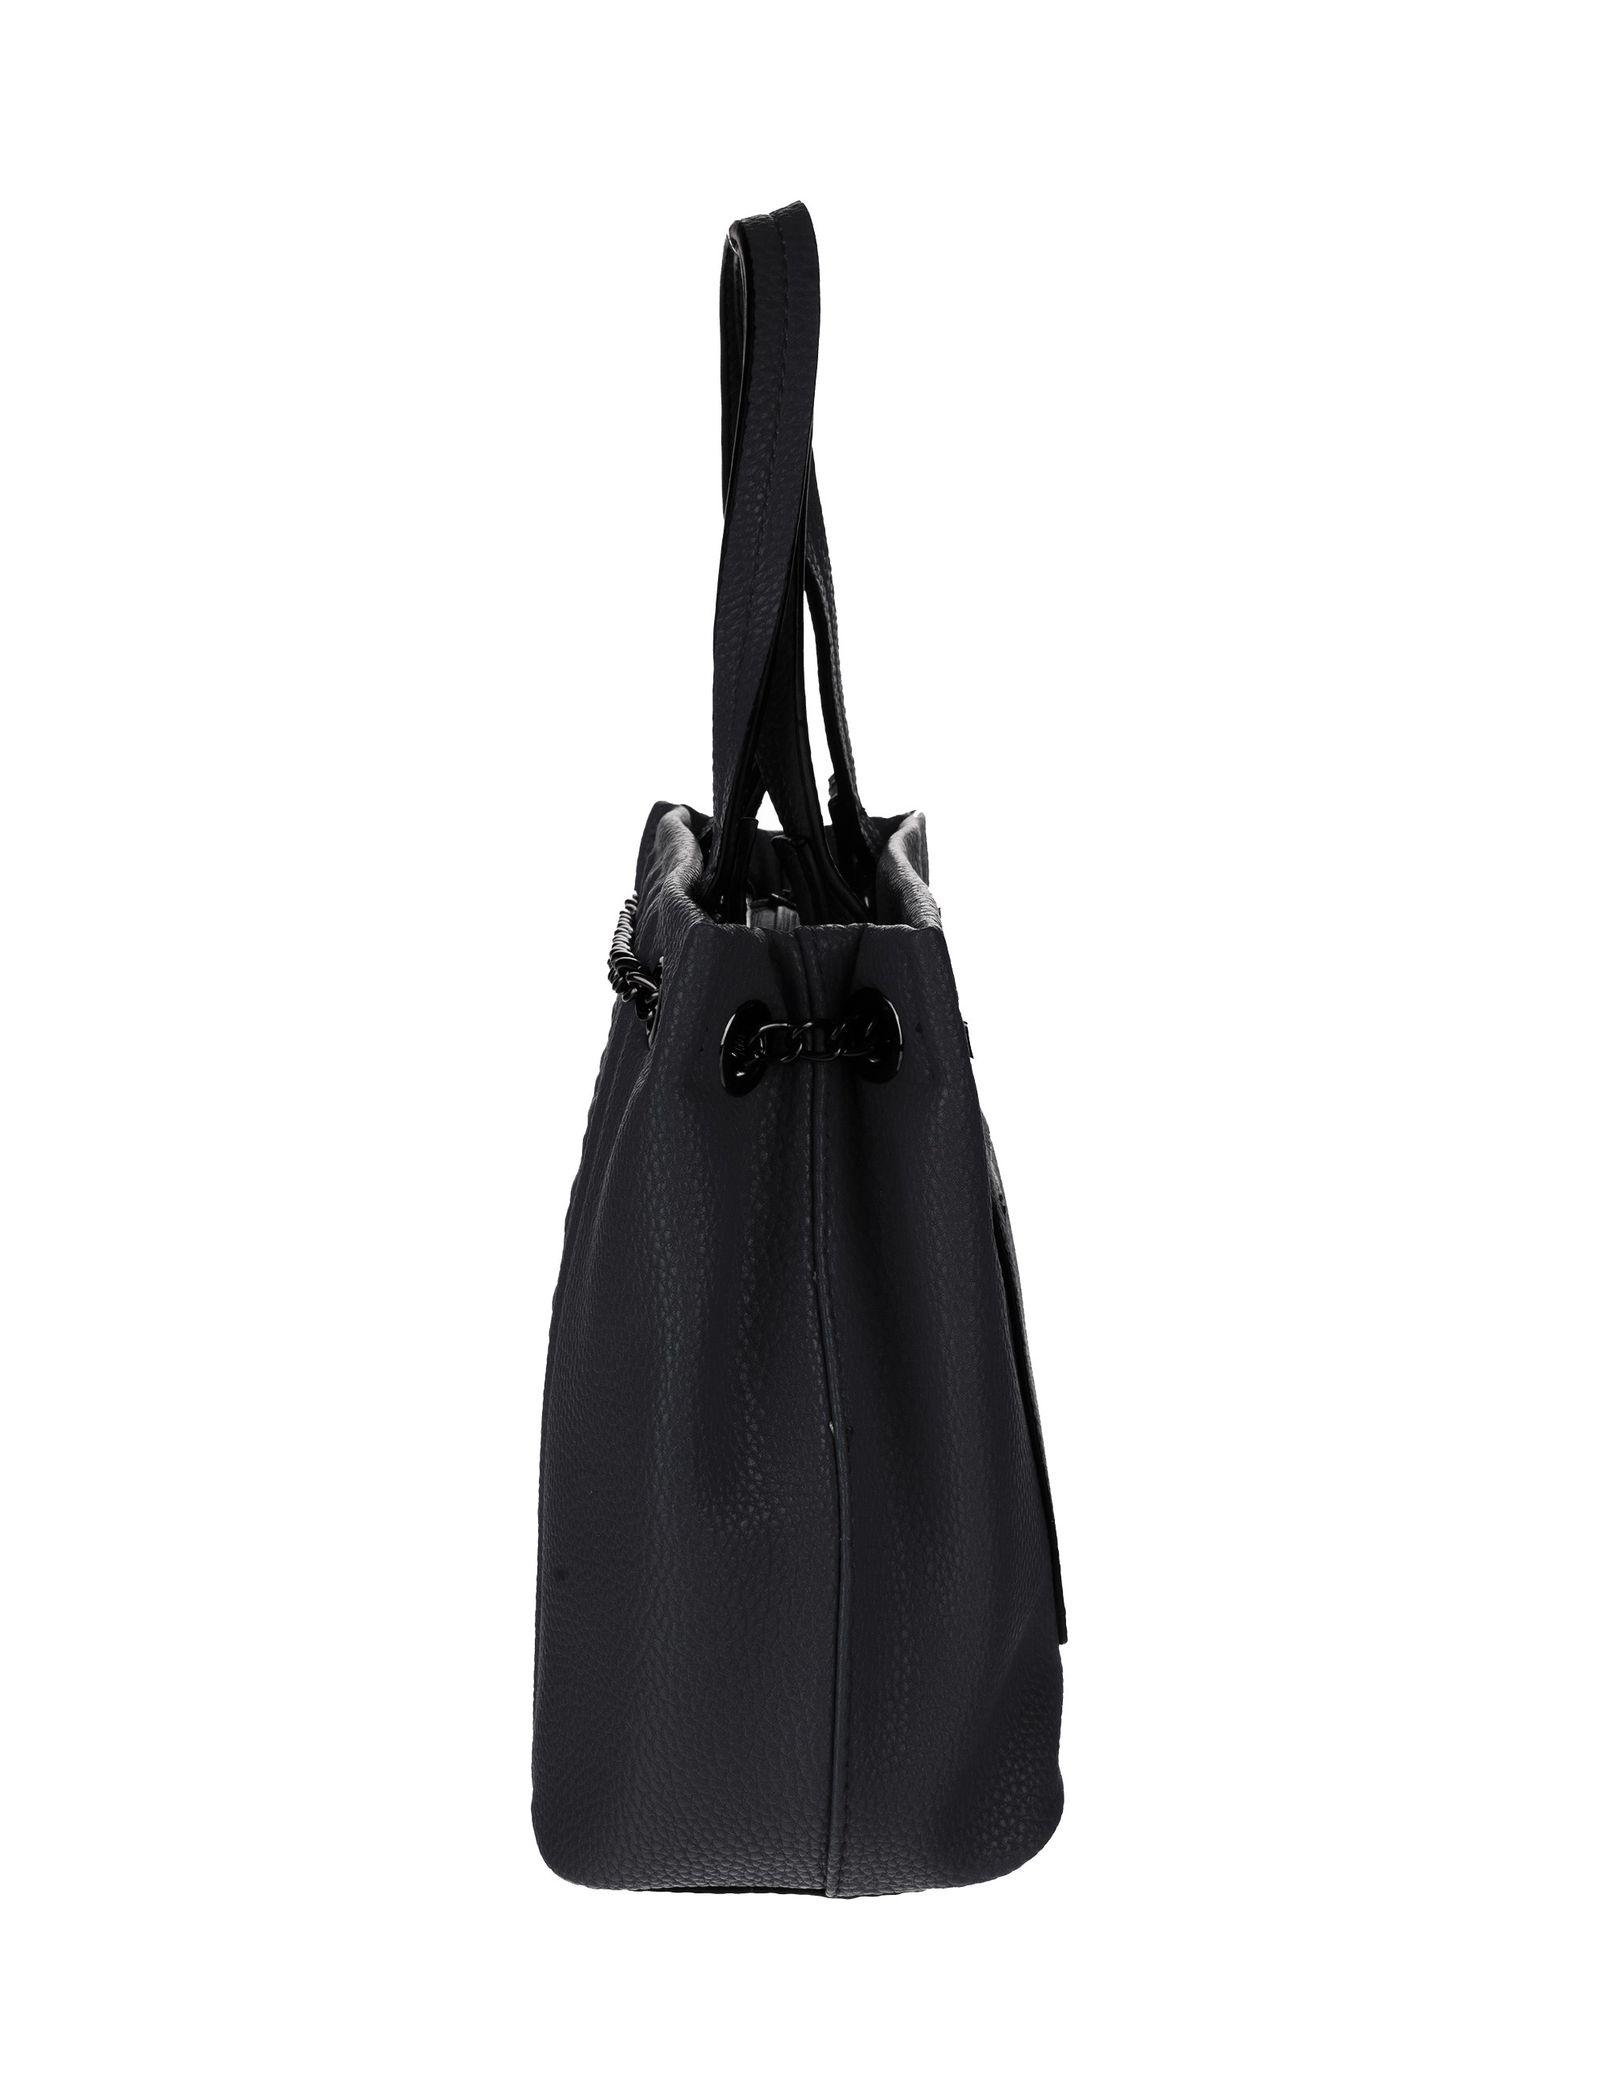 کیف دستی روزمره زنانه - جانی اند جانی تک سایز - سرمه اي - 7